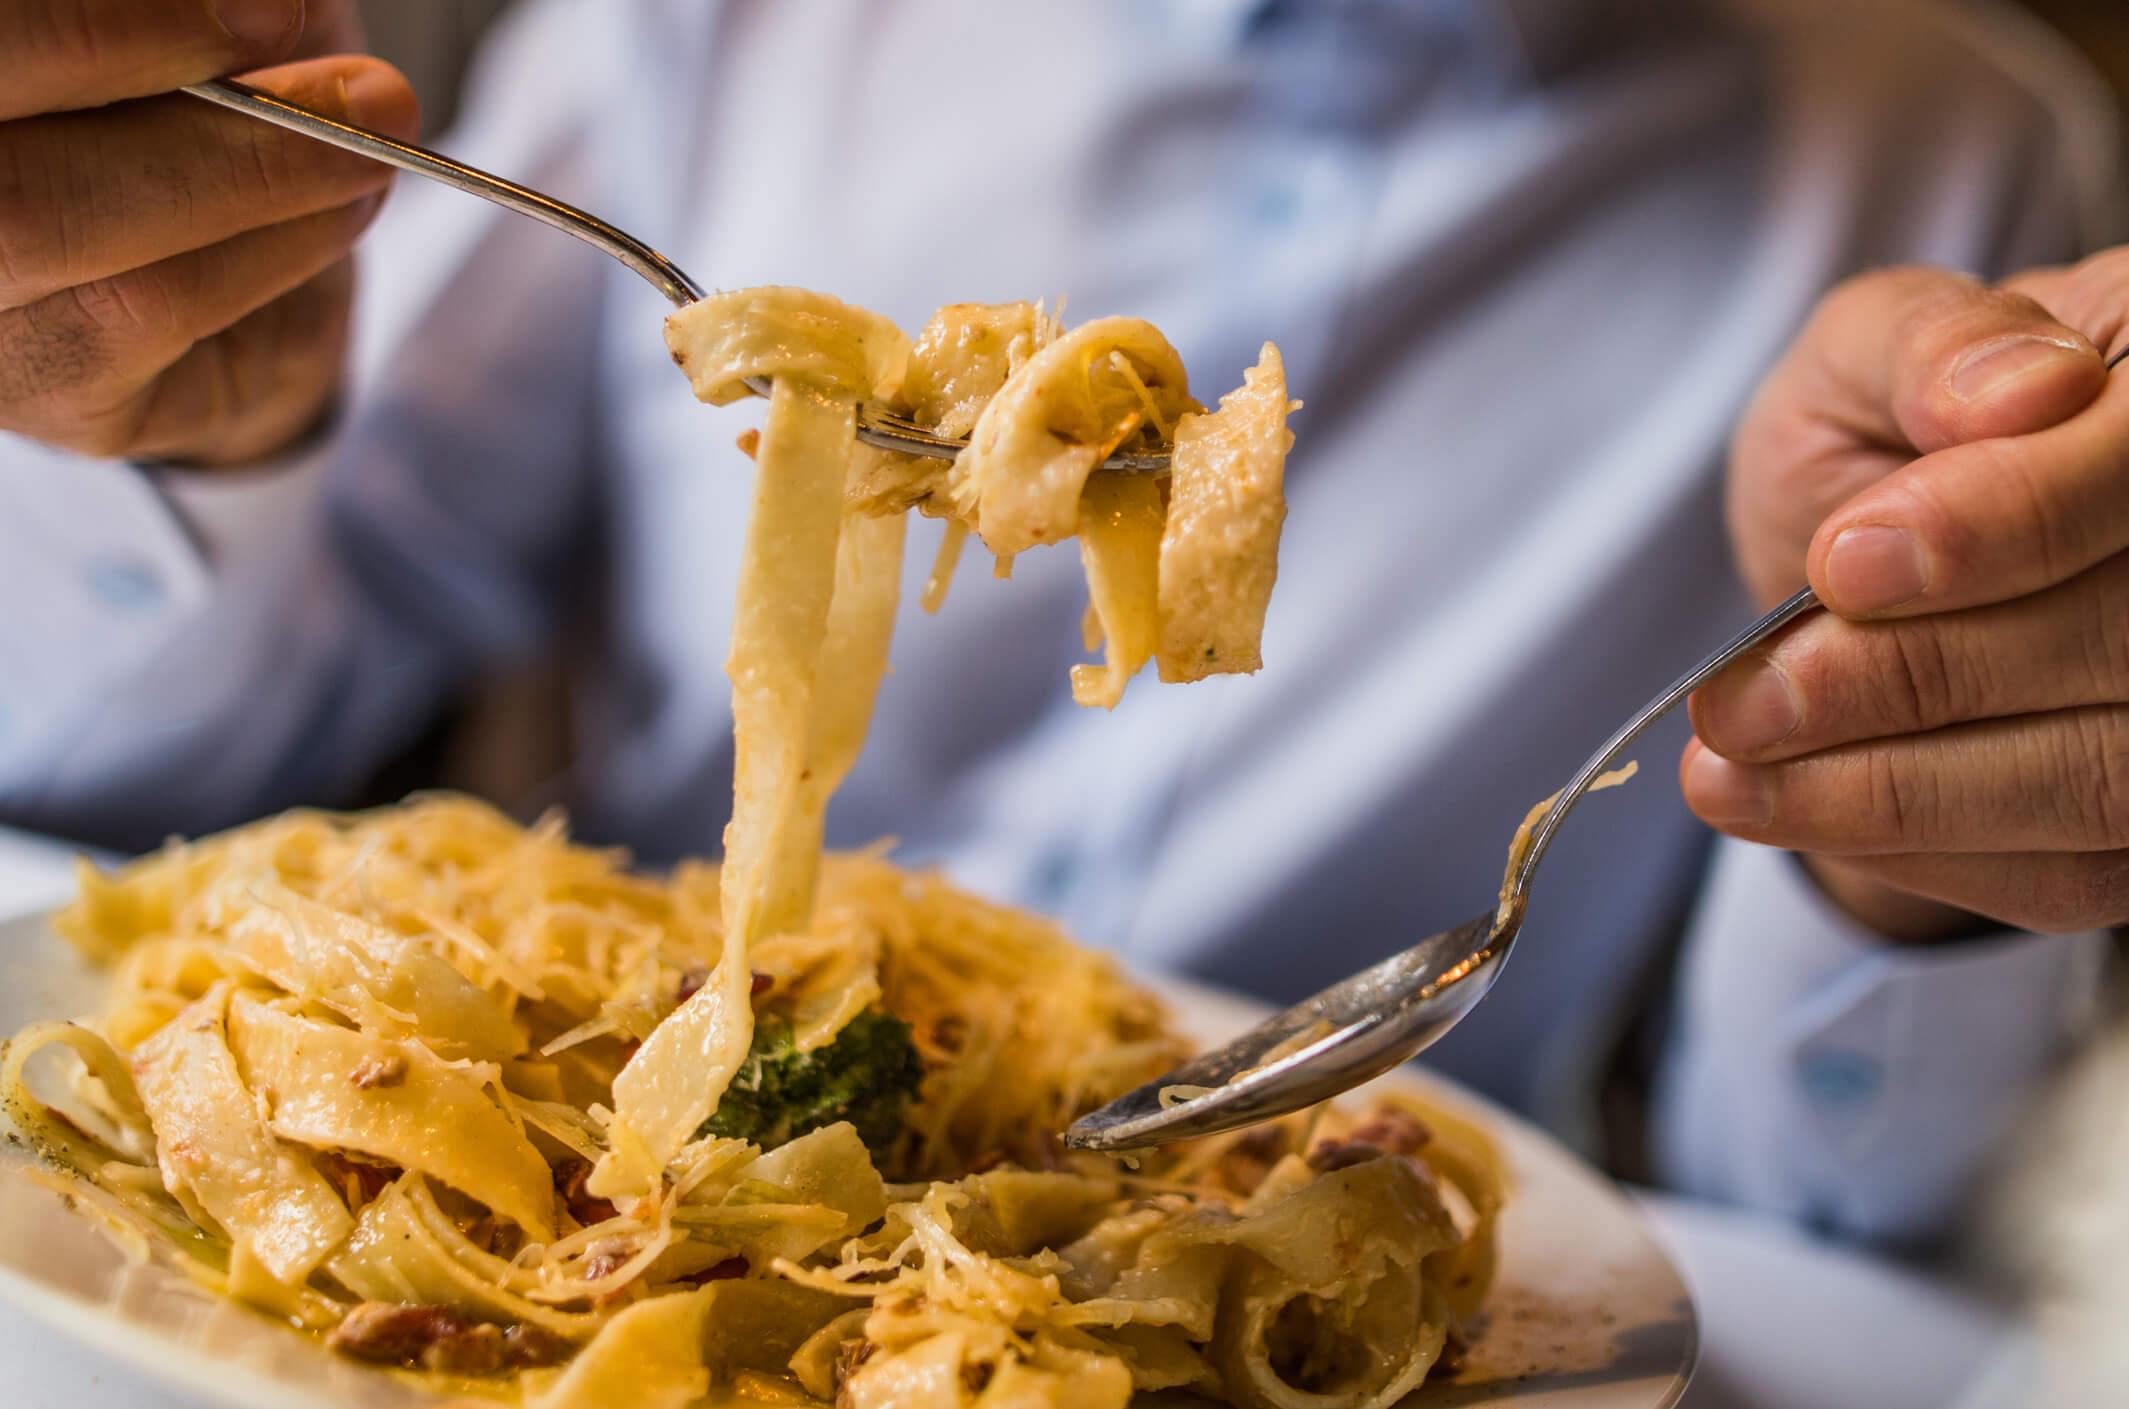 Quase 40% dos restaurantes tenciona avançar para insolvência